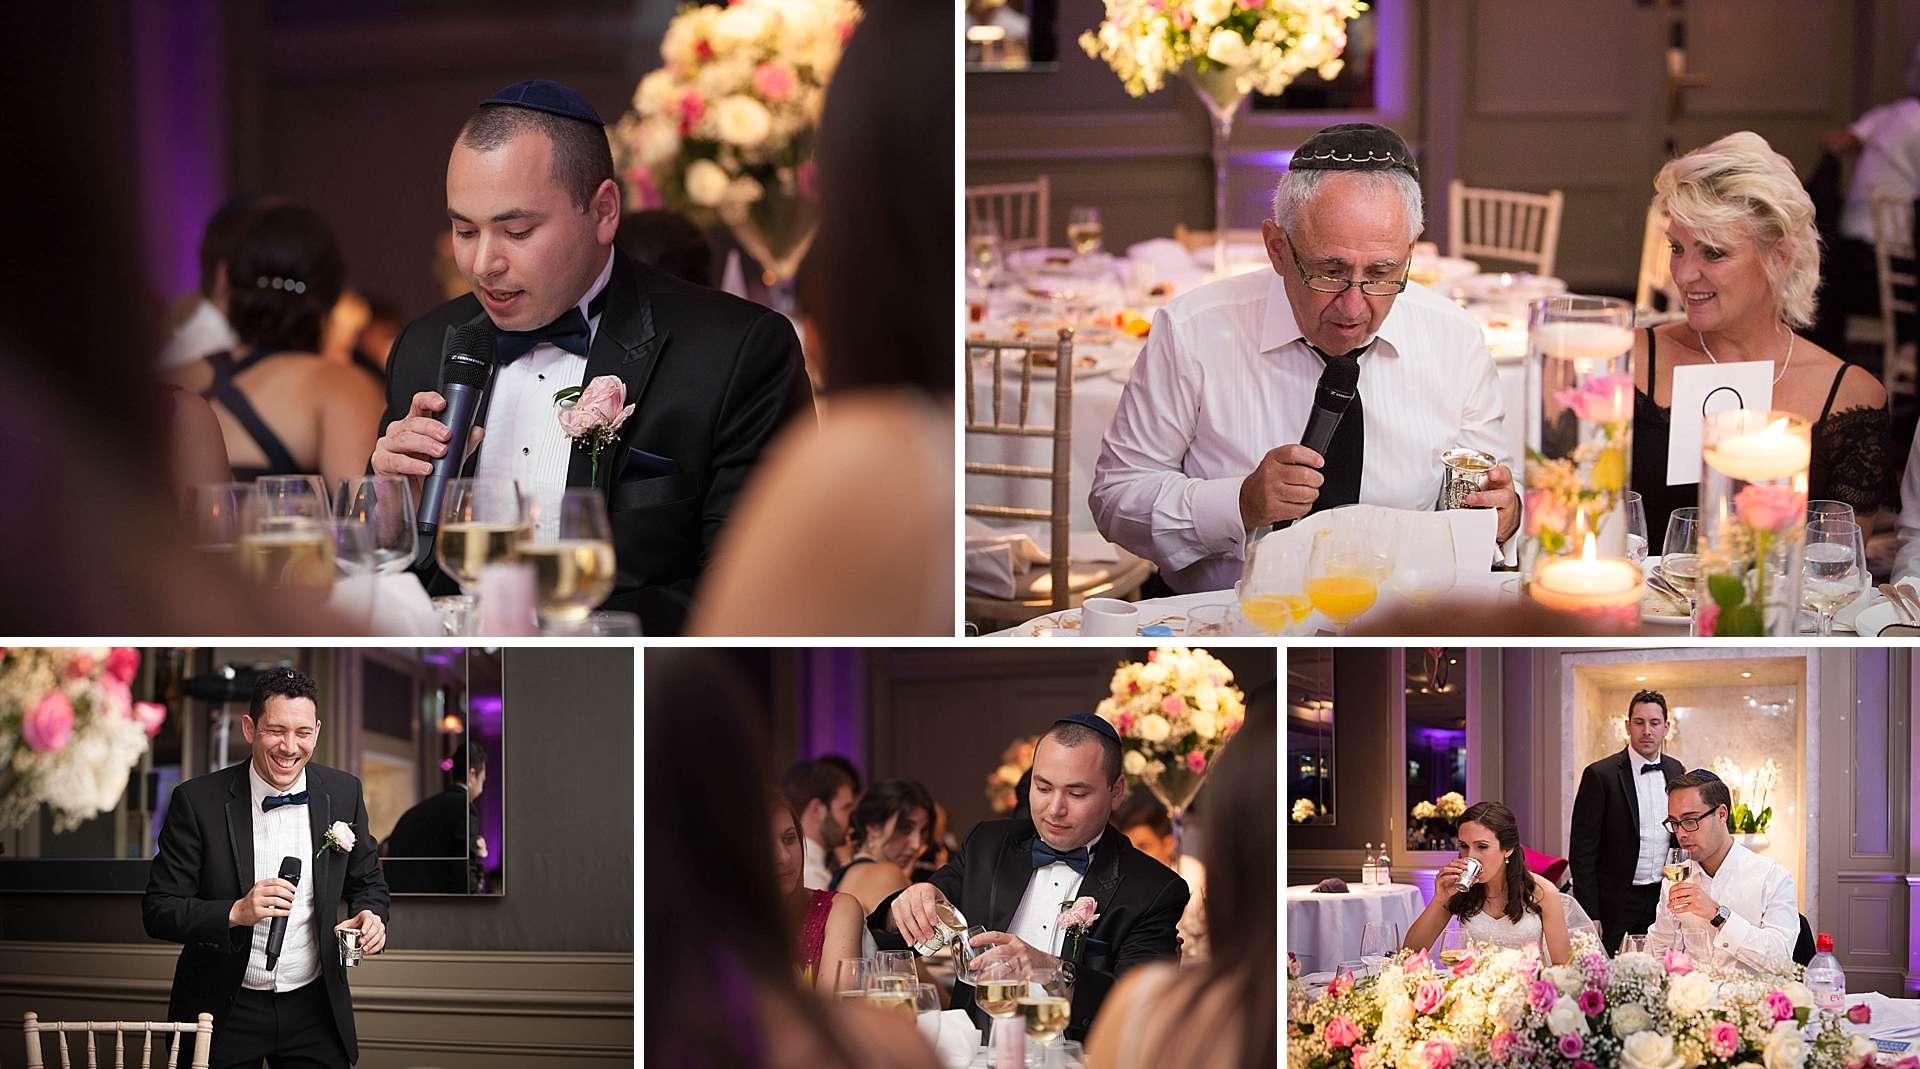 Jewish Wedding at Hyatt Regency London